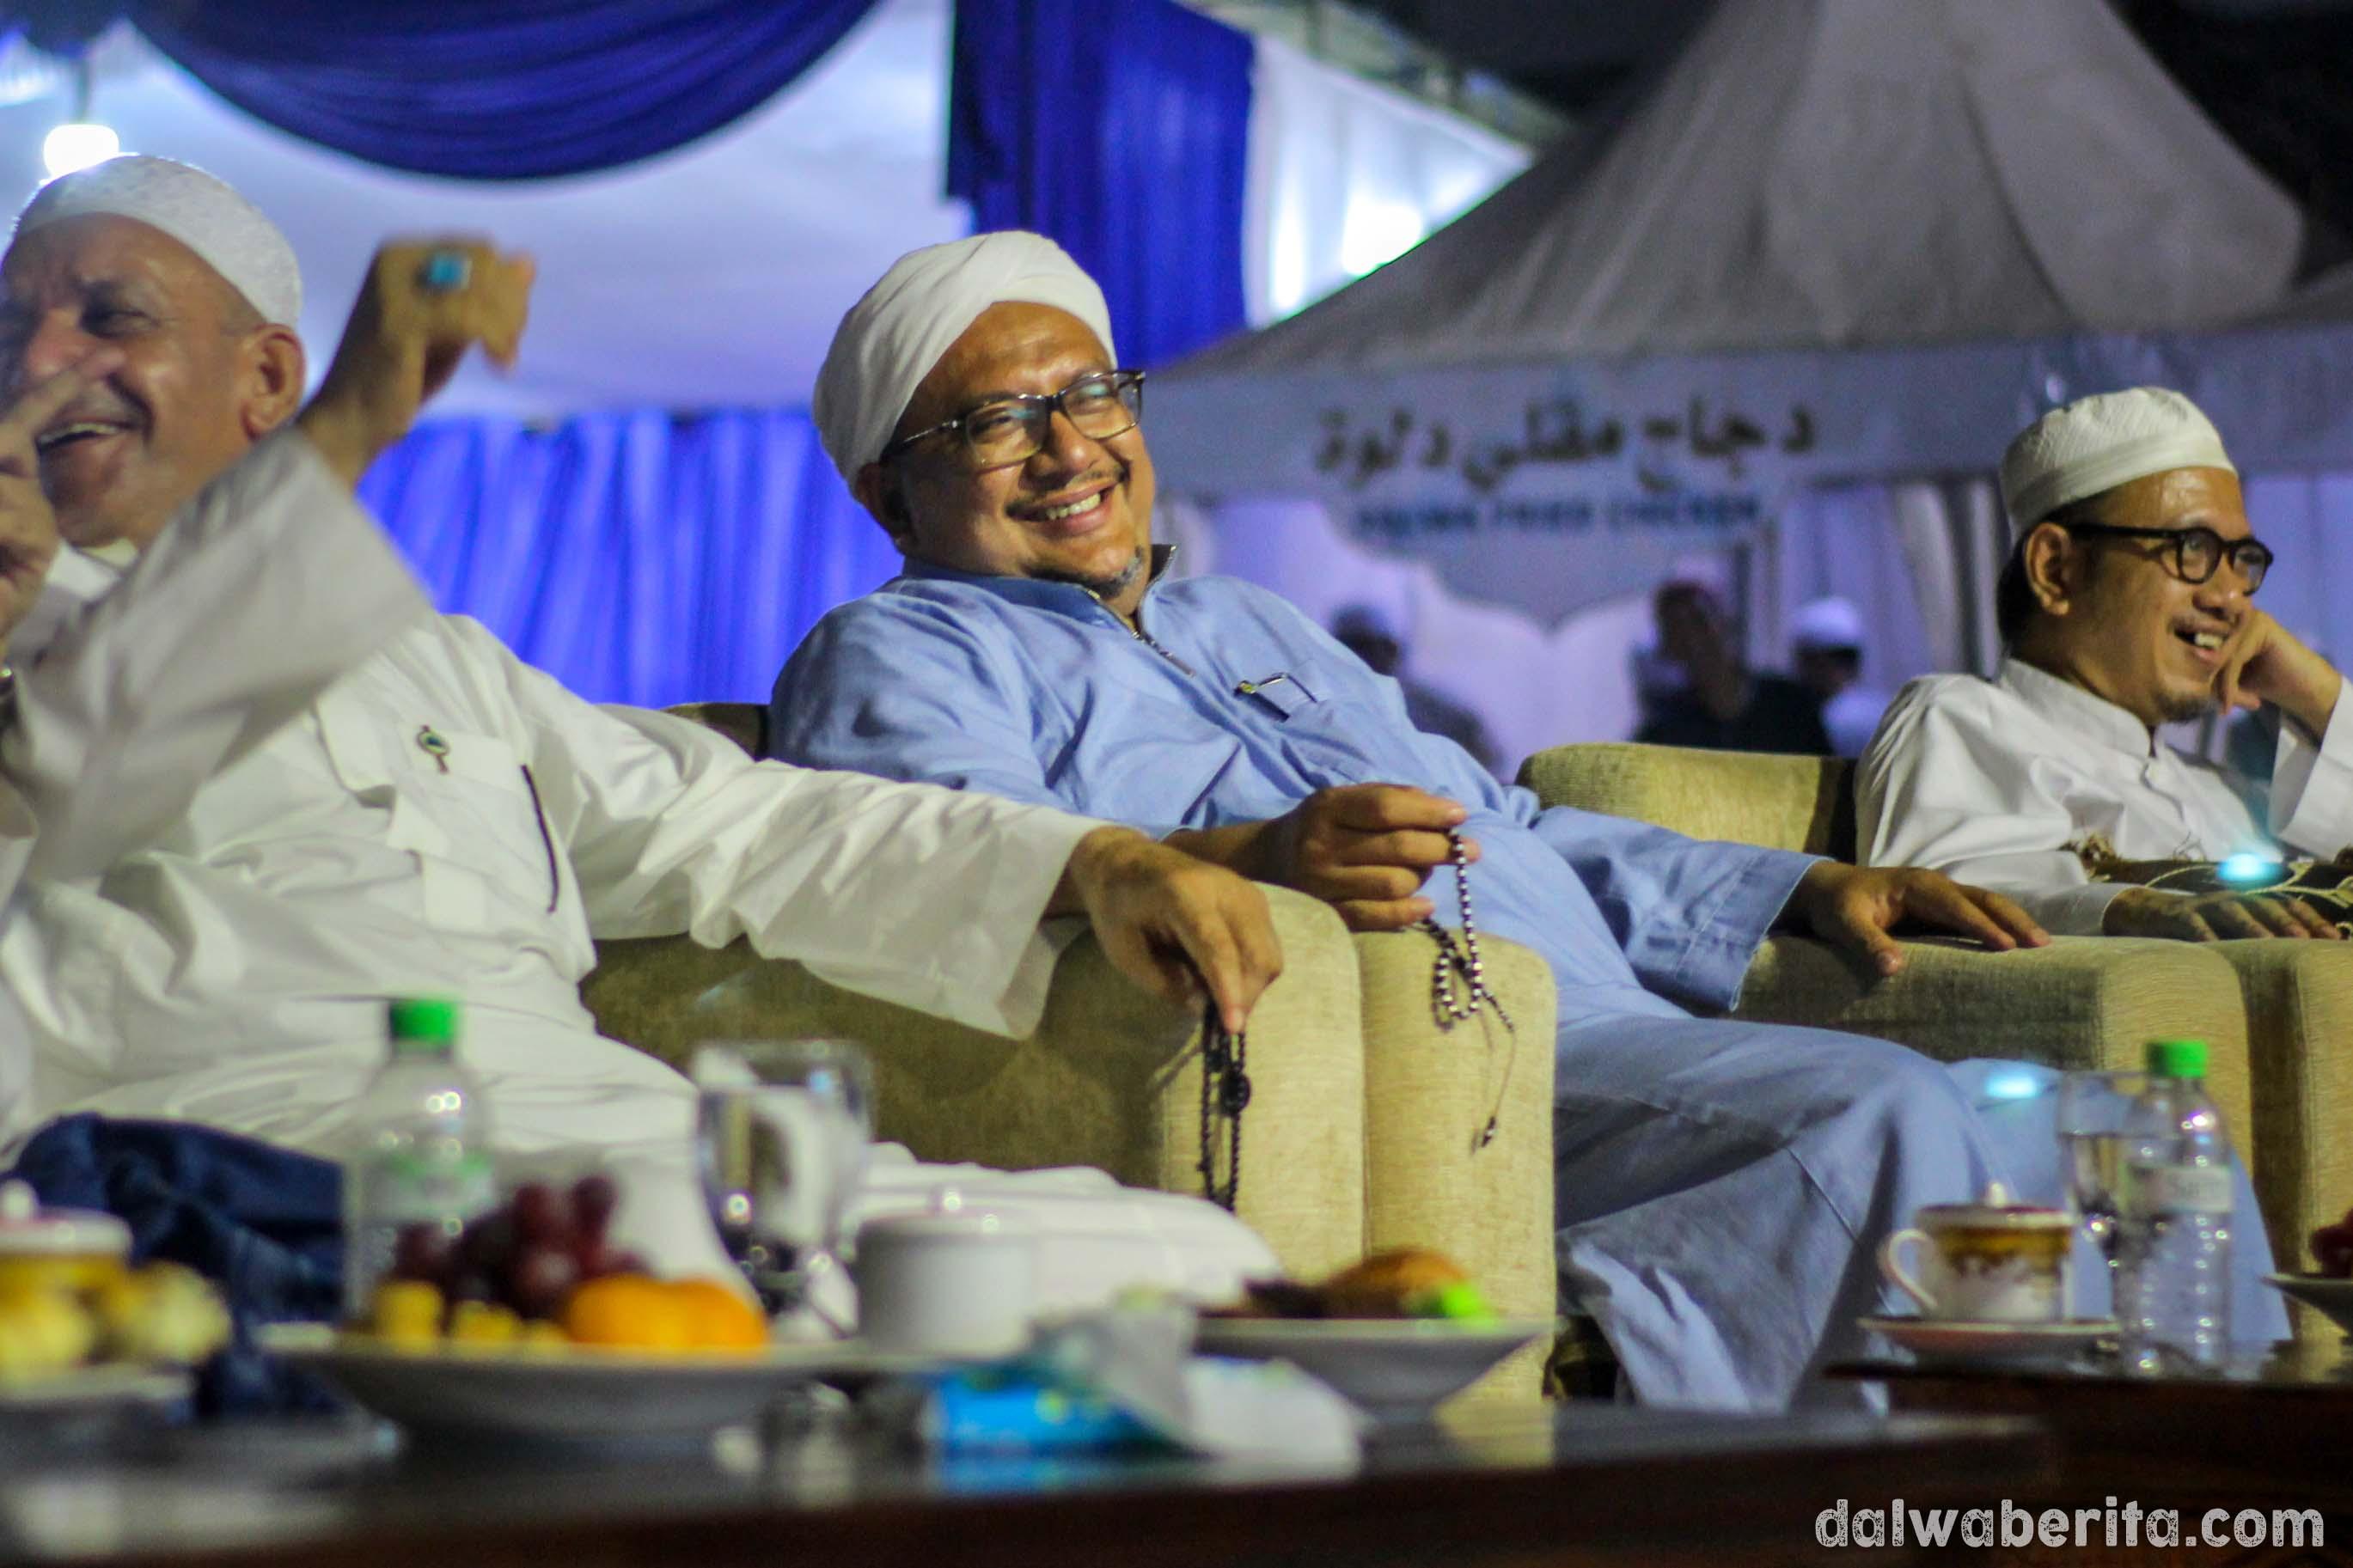 Gembira di Hari bahasa Arab Sedunia